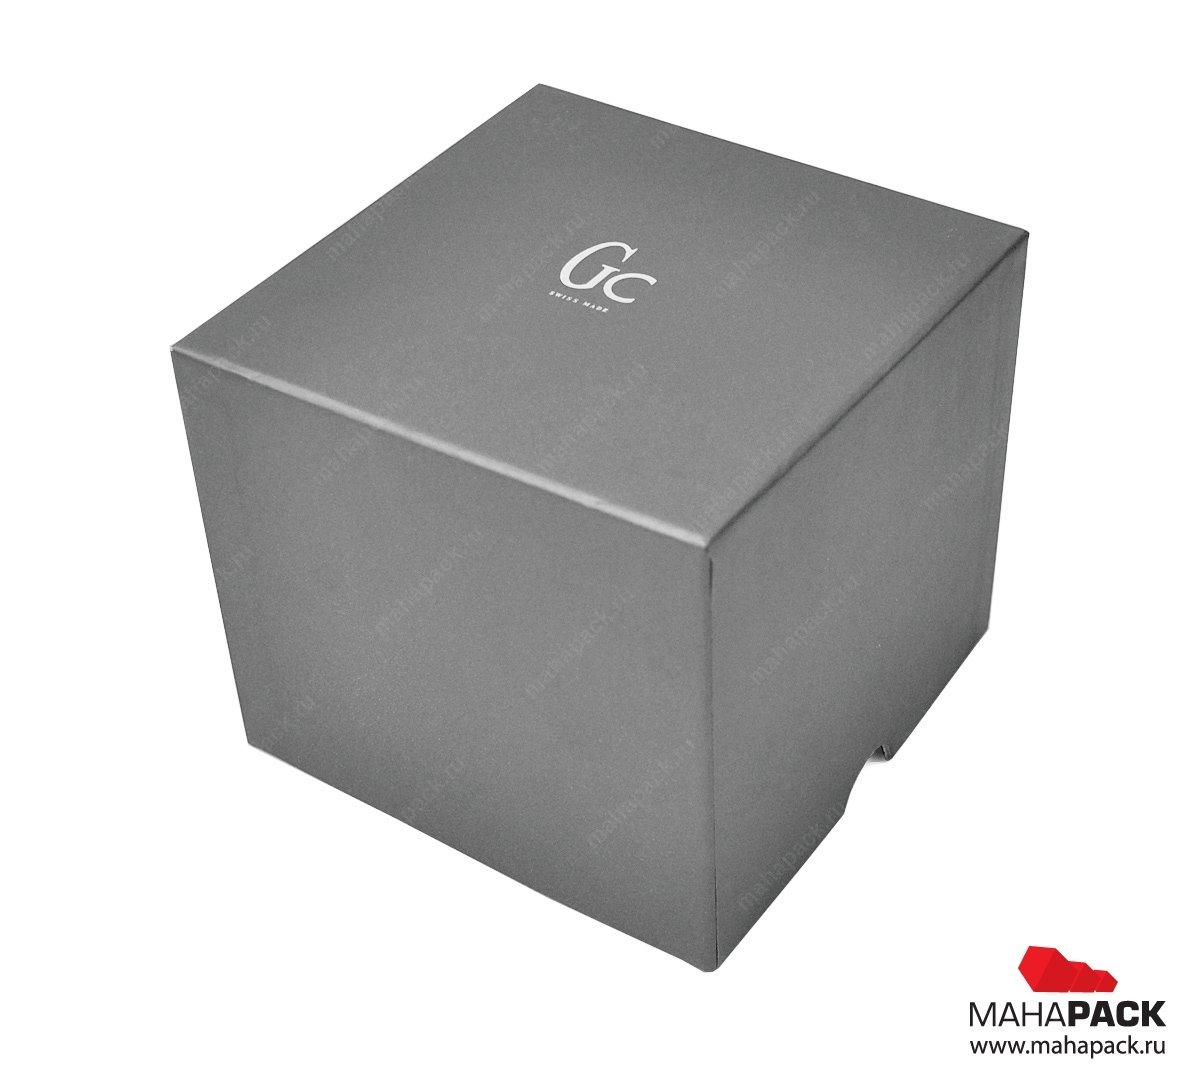 Коробка-куб для сувениров